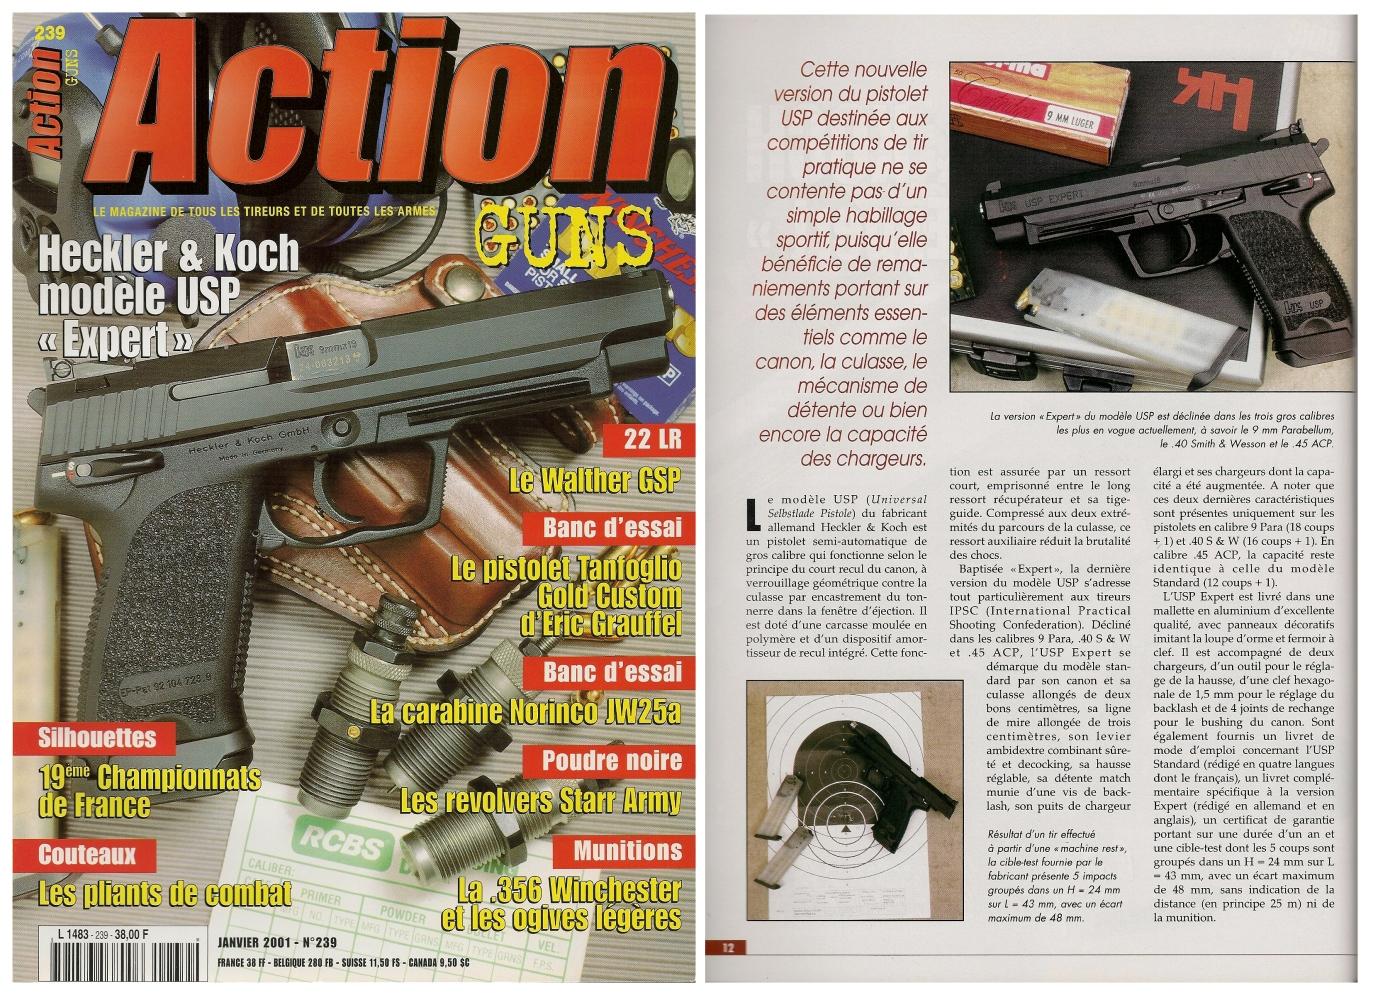 Le banc d'essai du pistolet HK USP Expert a été publié sur 7 pages dans le magazine Action Guns n° 239 (janvier 2001).